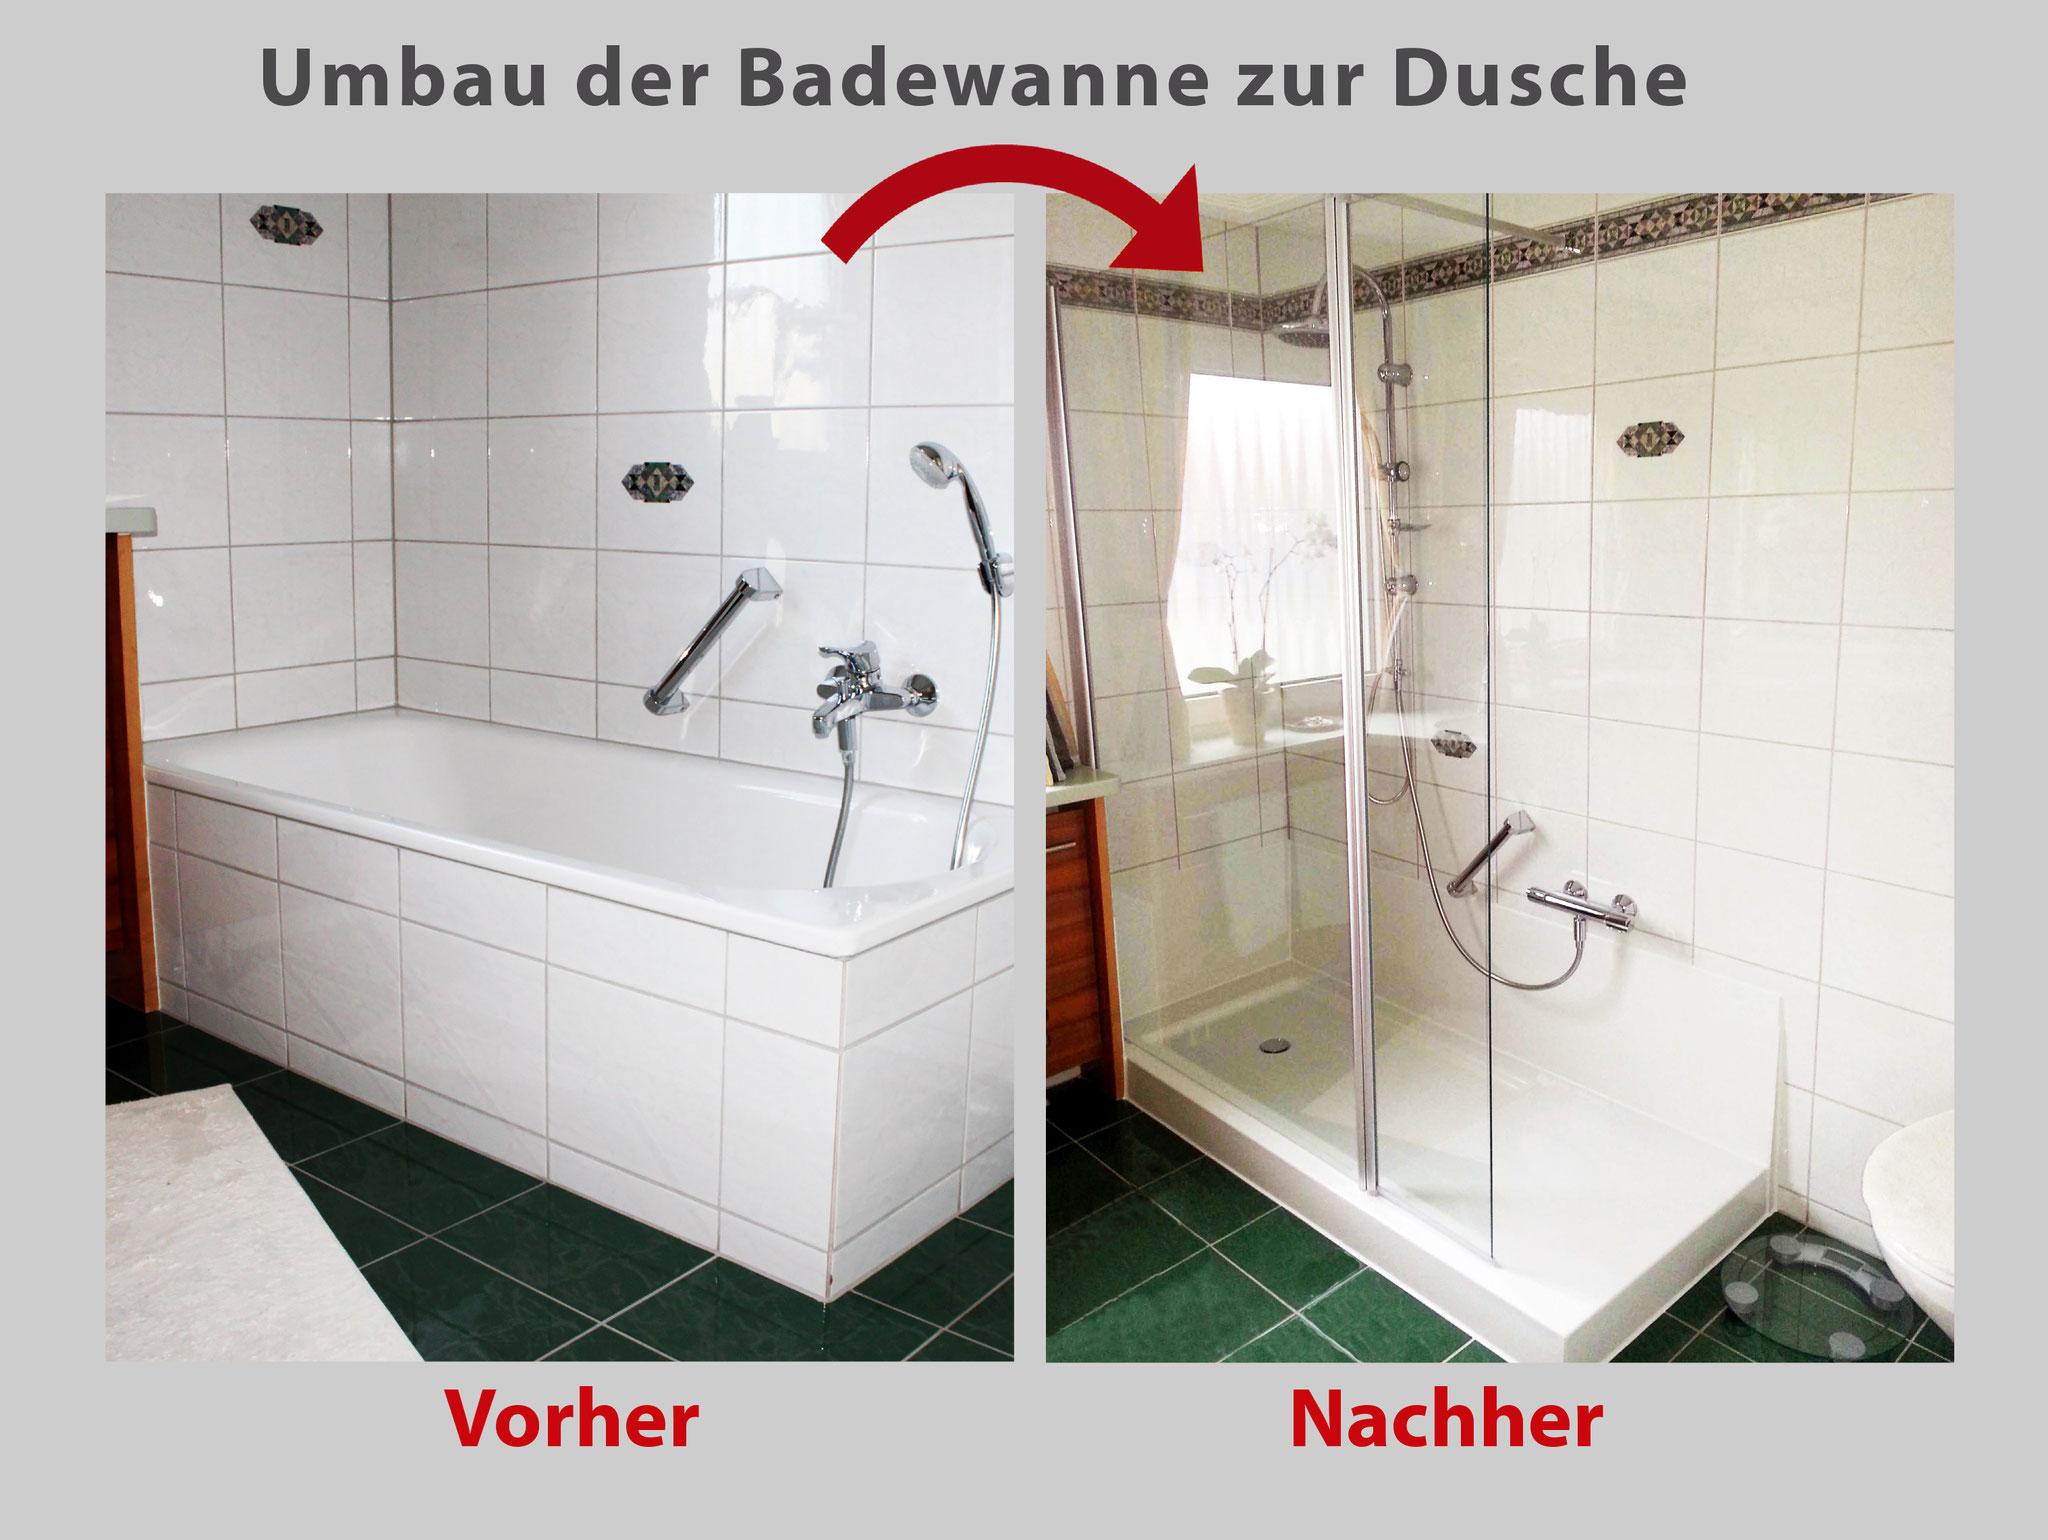 viele menschen bringen die mglichkeiten eines barrierefreien bades zunchst mit sehr hohen kosten und einem ebenso hohen arbeitsaufwand in verbindung - Badewanne Und Dusche In Einem Kosten